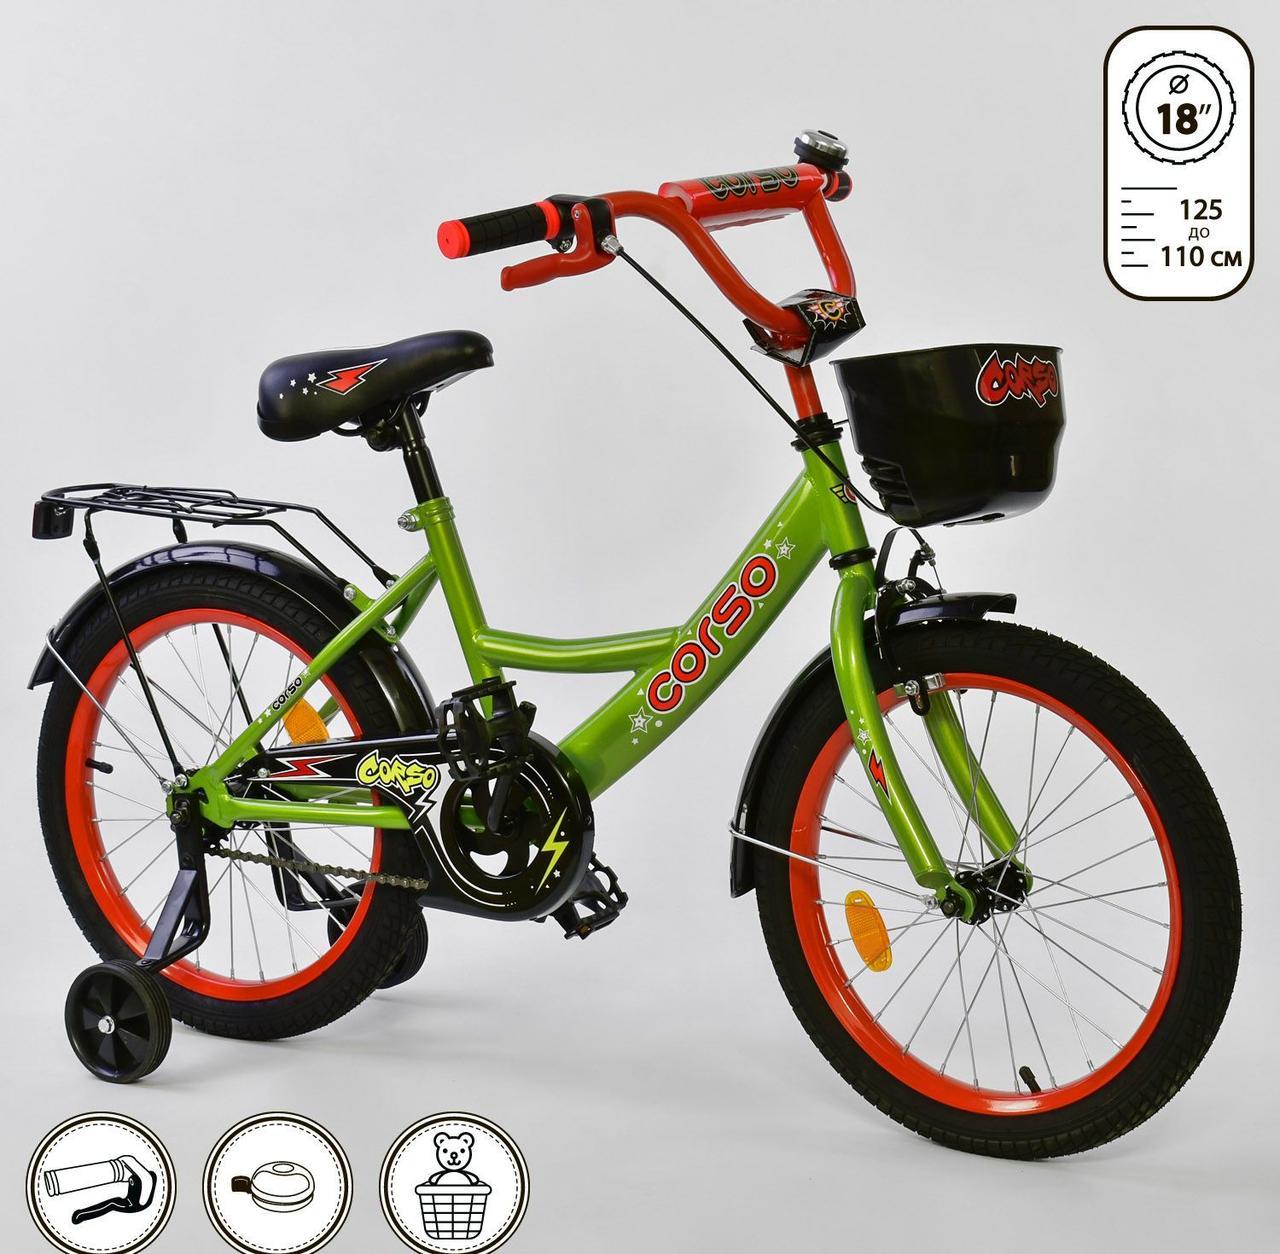 """Велосипед 18"""" дюймов 2-х колёсный G-18560 """"CORSO""""  ручной тормоз, звоночек, сидение с ручкой, доп. колеса"""